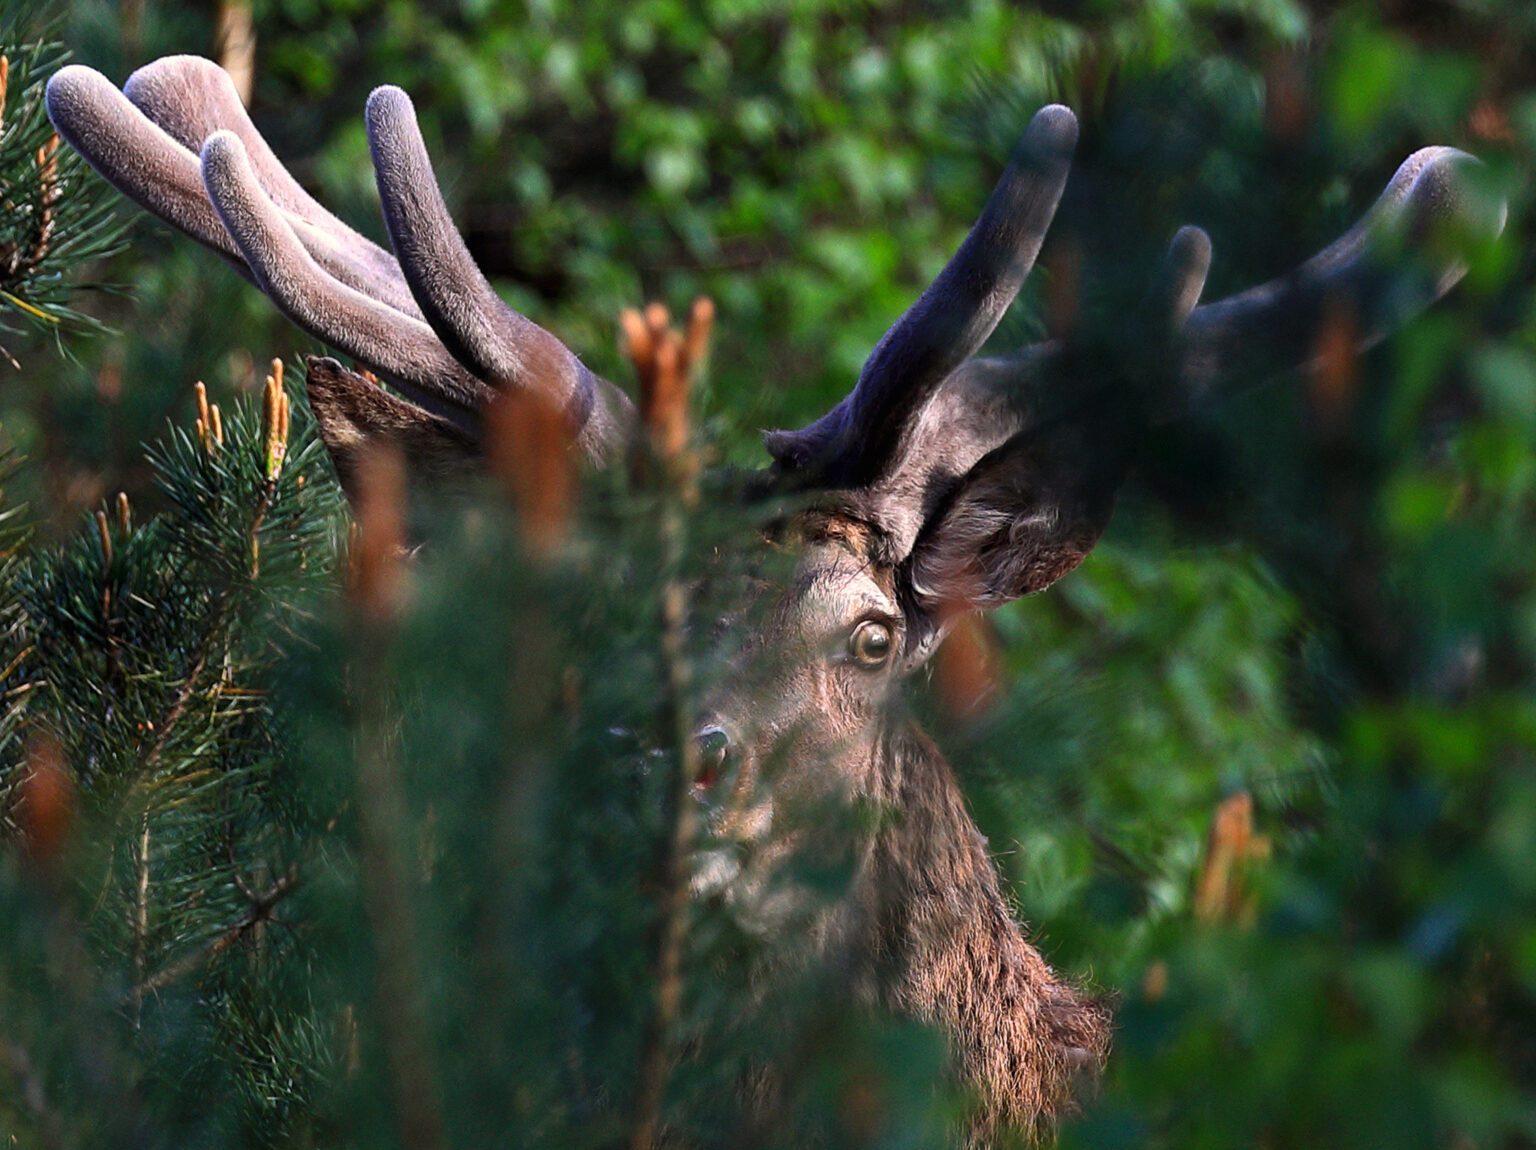 Hert op de Veluwe, foto door Jeroen Gommers